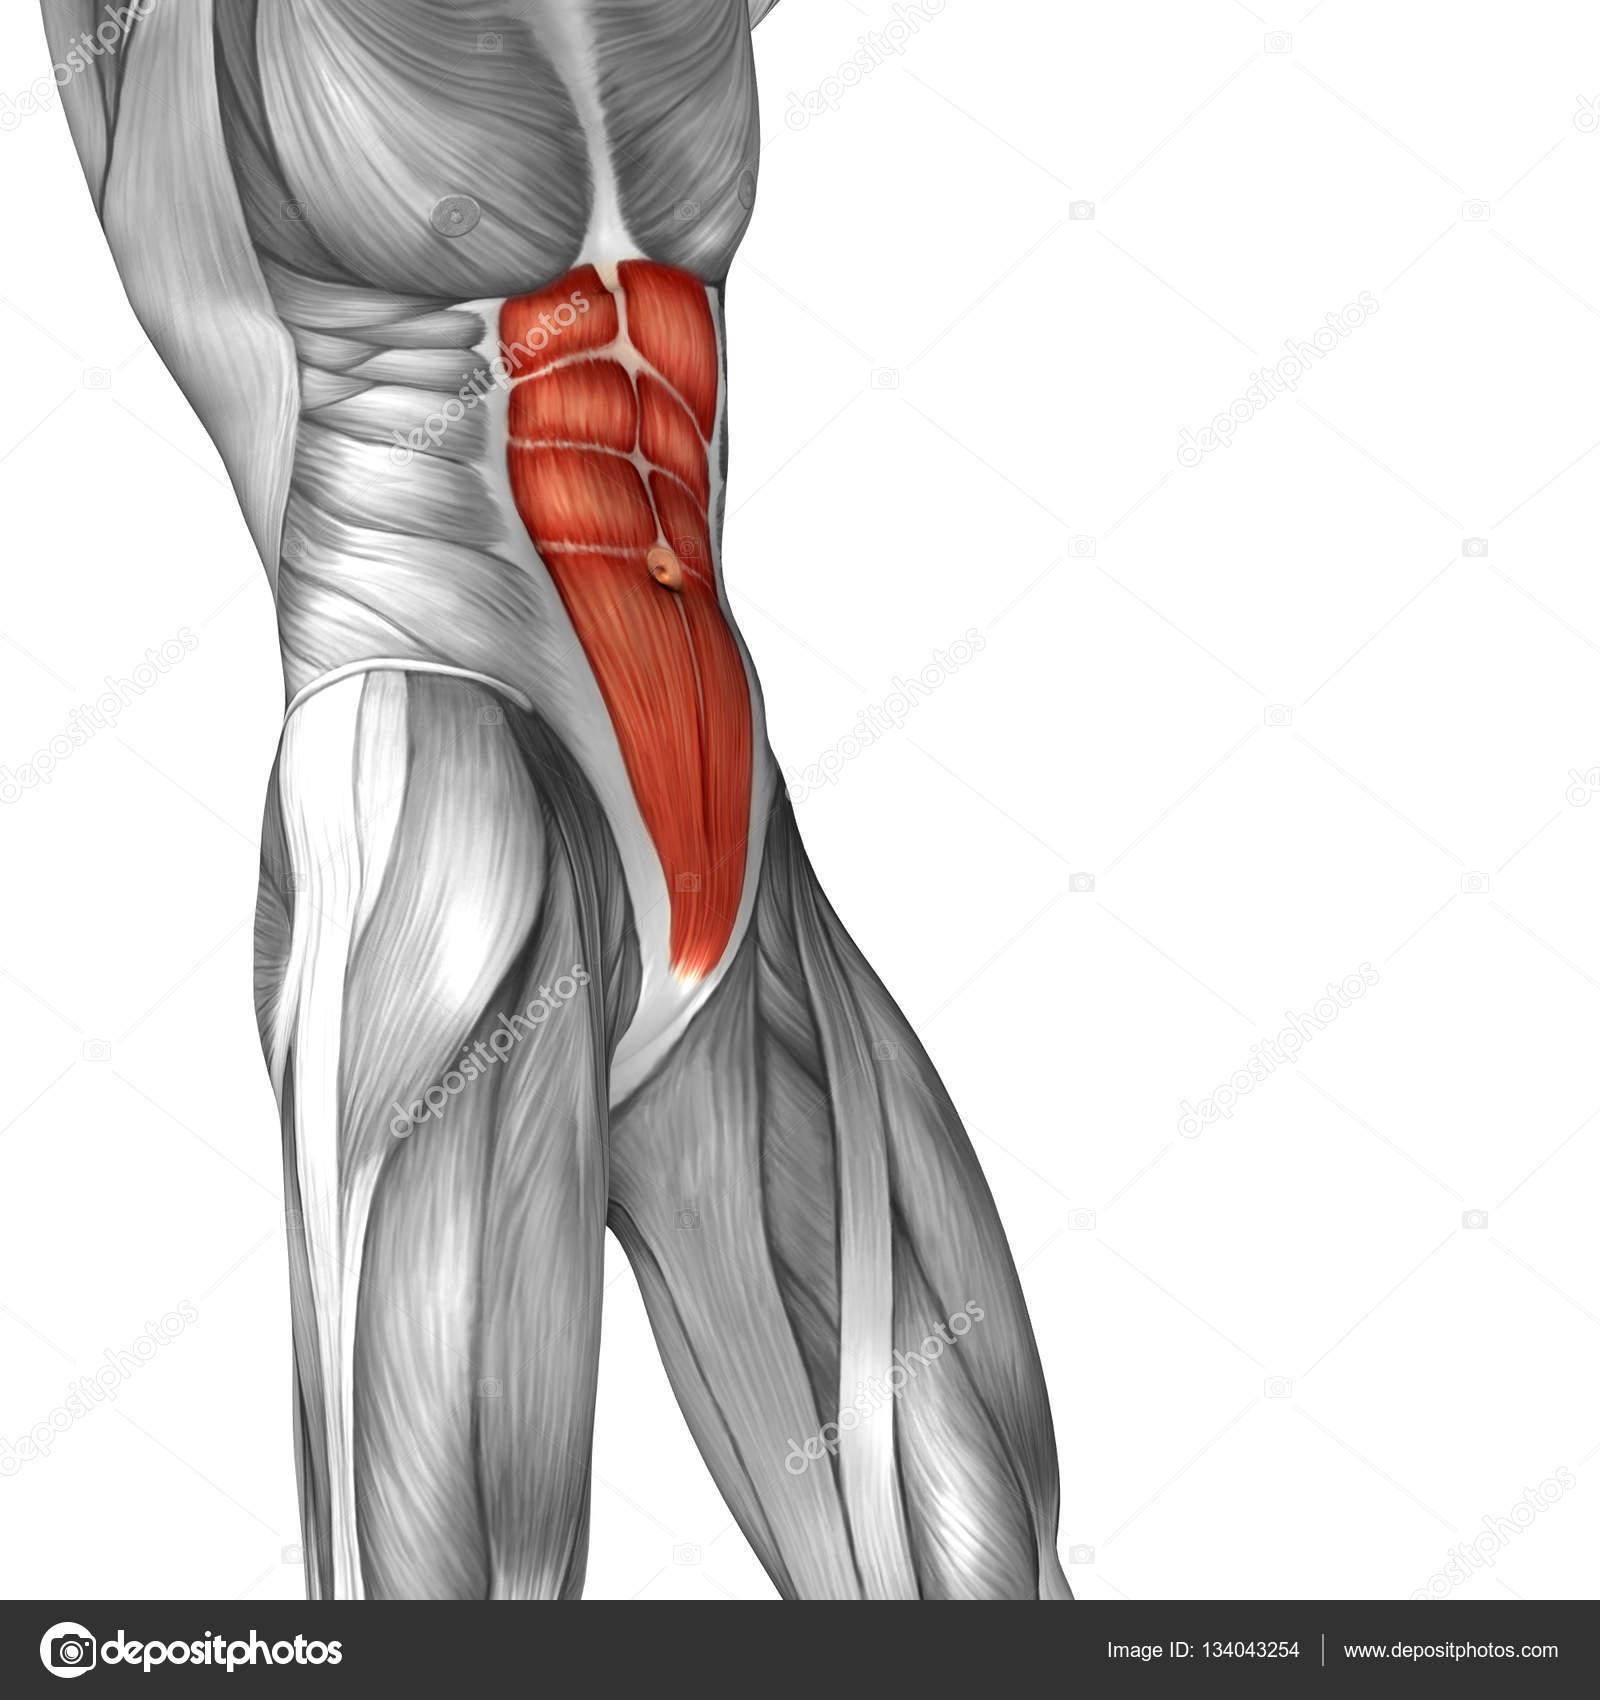 Músculos del abdomen humano — Fotos de Stock © design36 #134043254